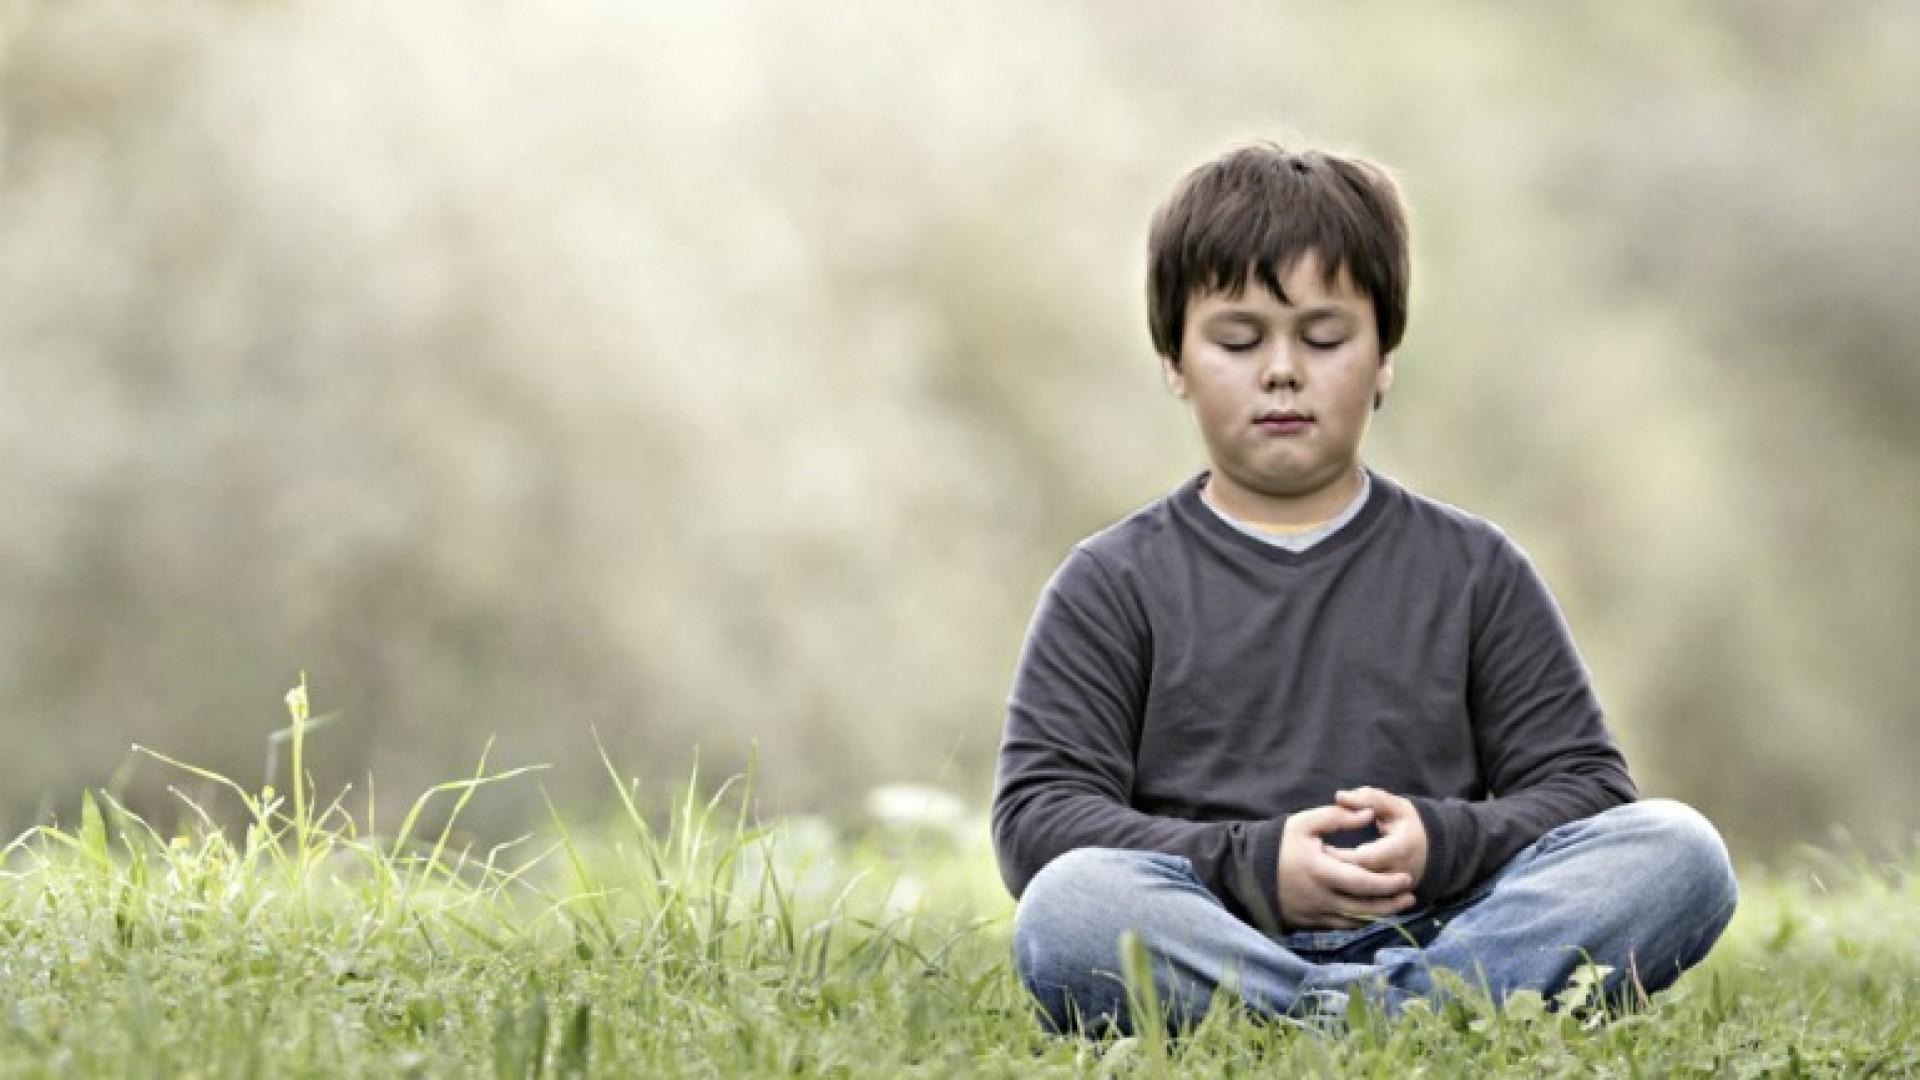 Медитация для детей: 4 простых техники